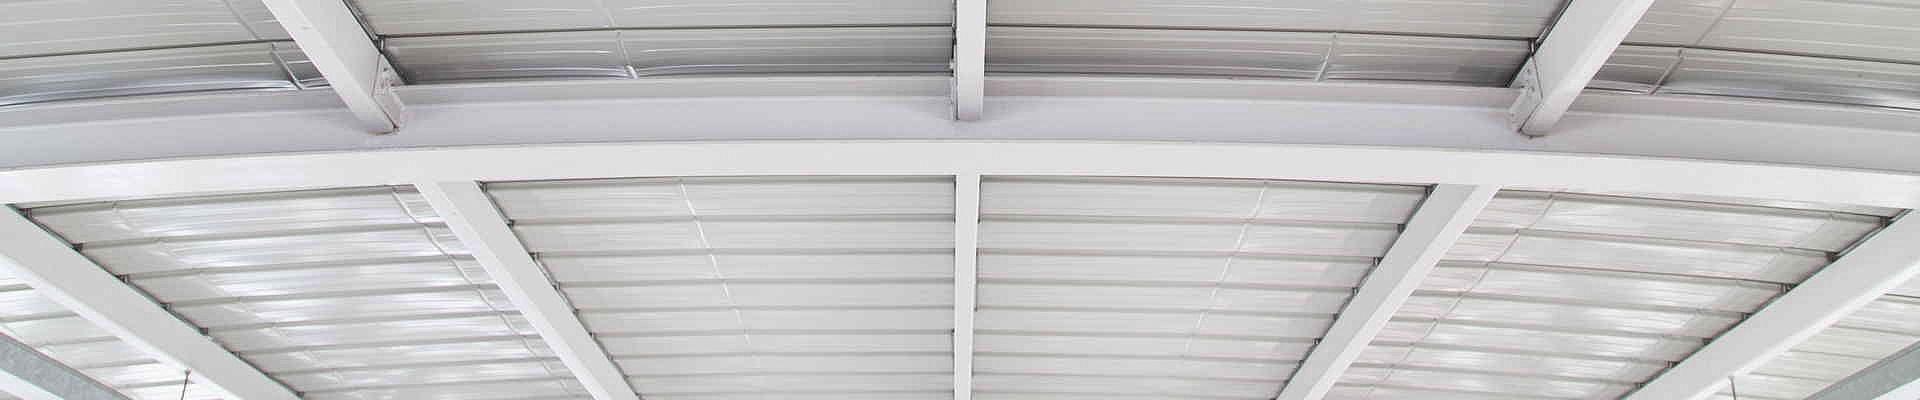 Das Stahltrapezdach zur Eindeckung von großen Dachflächen.